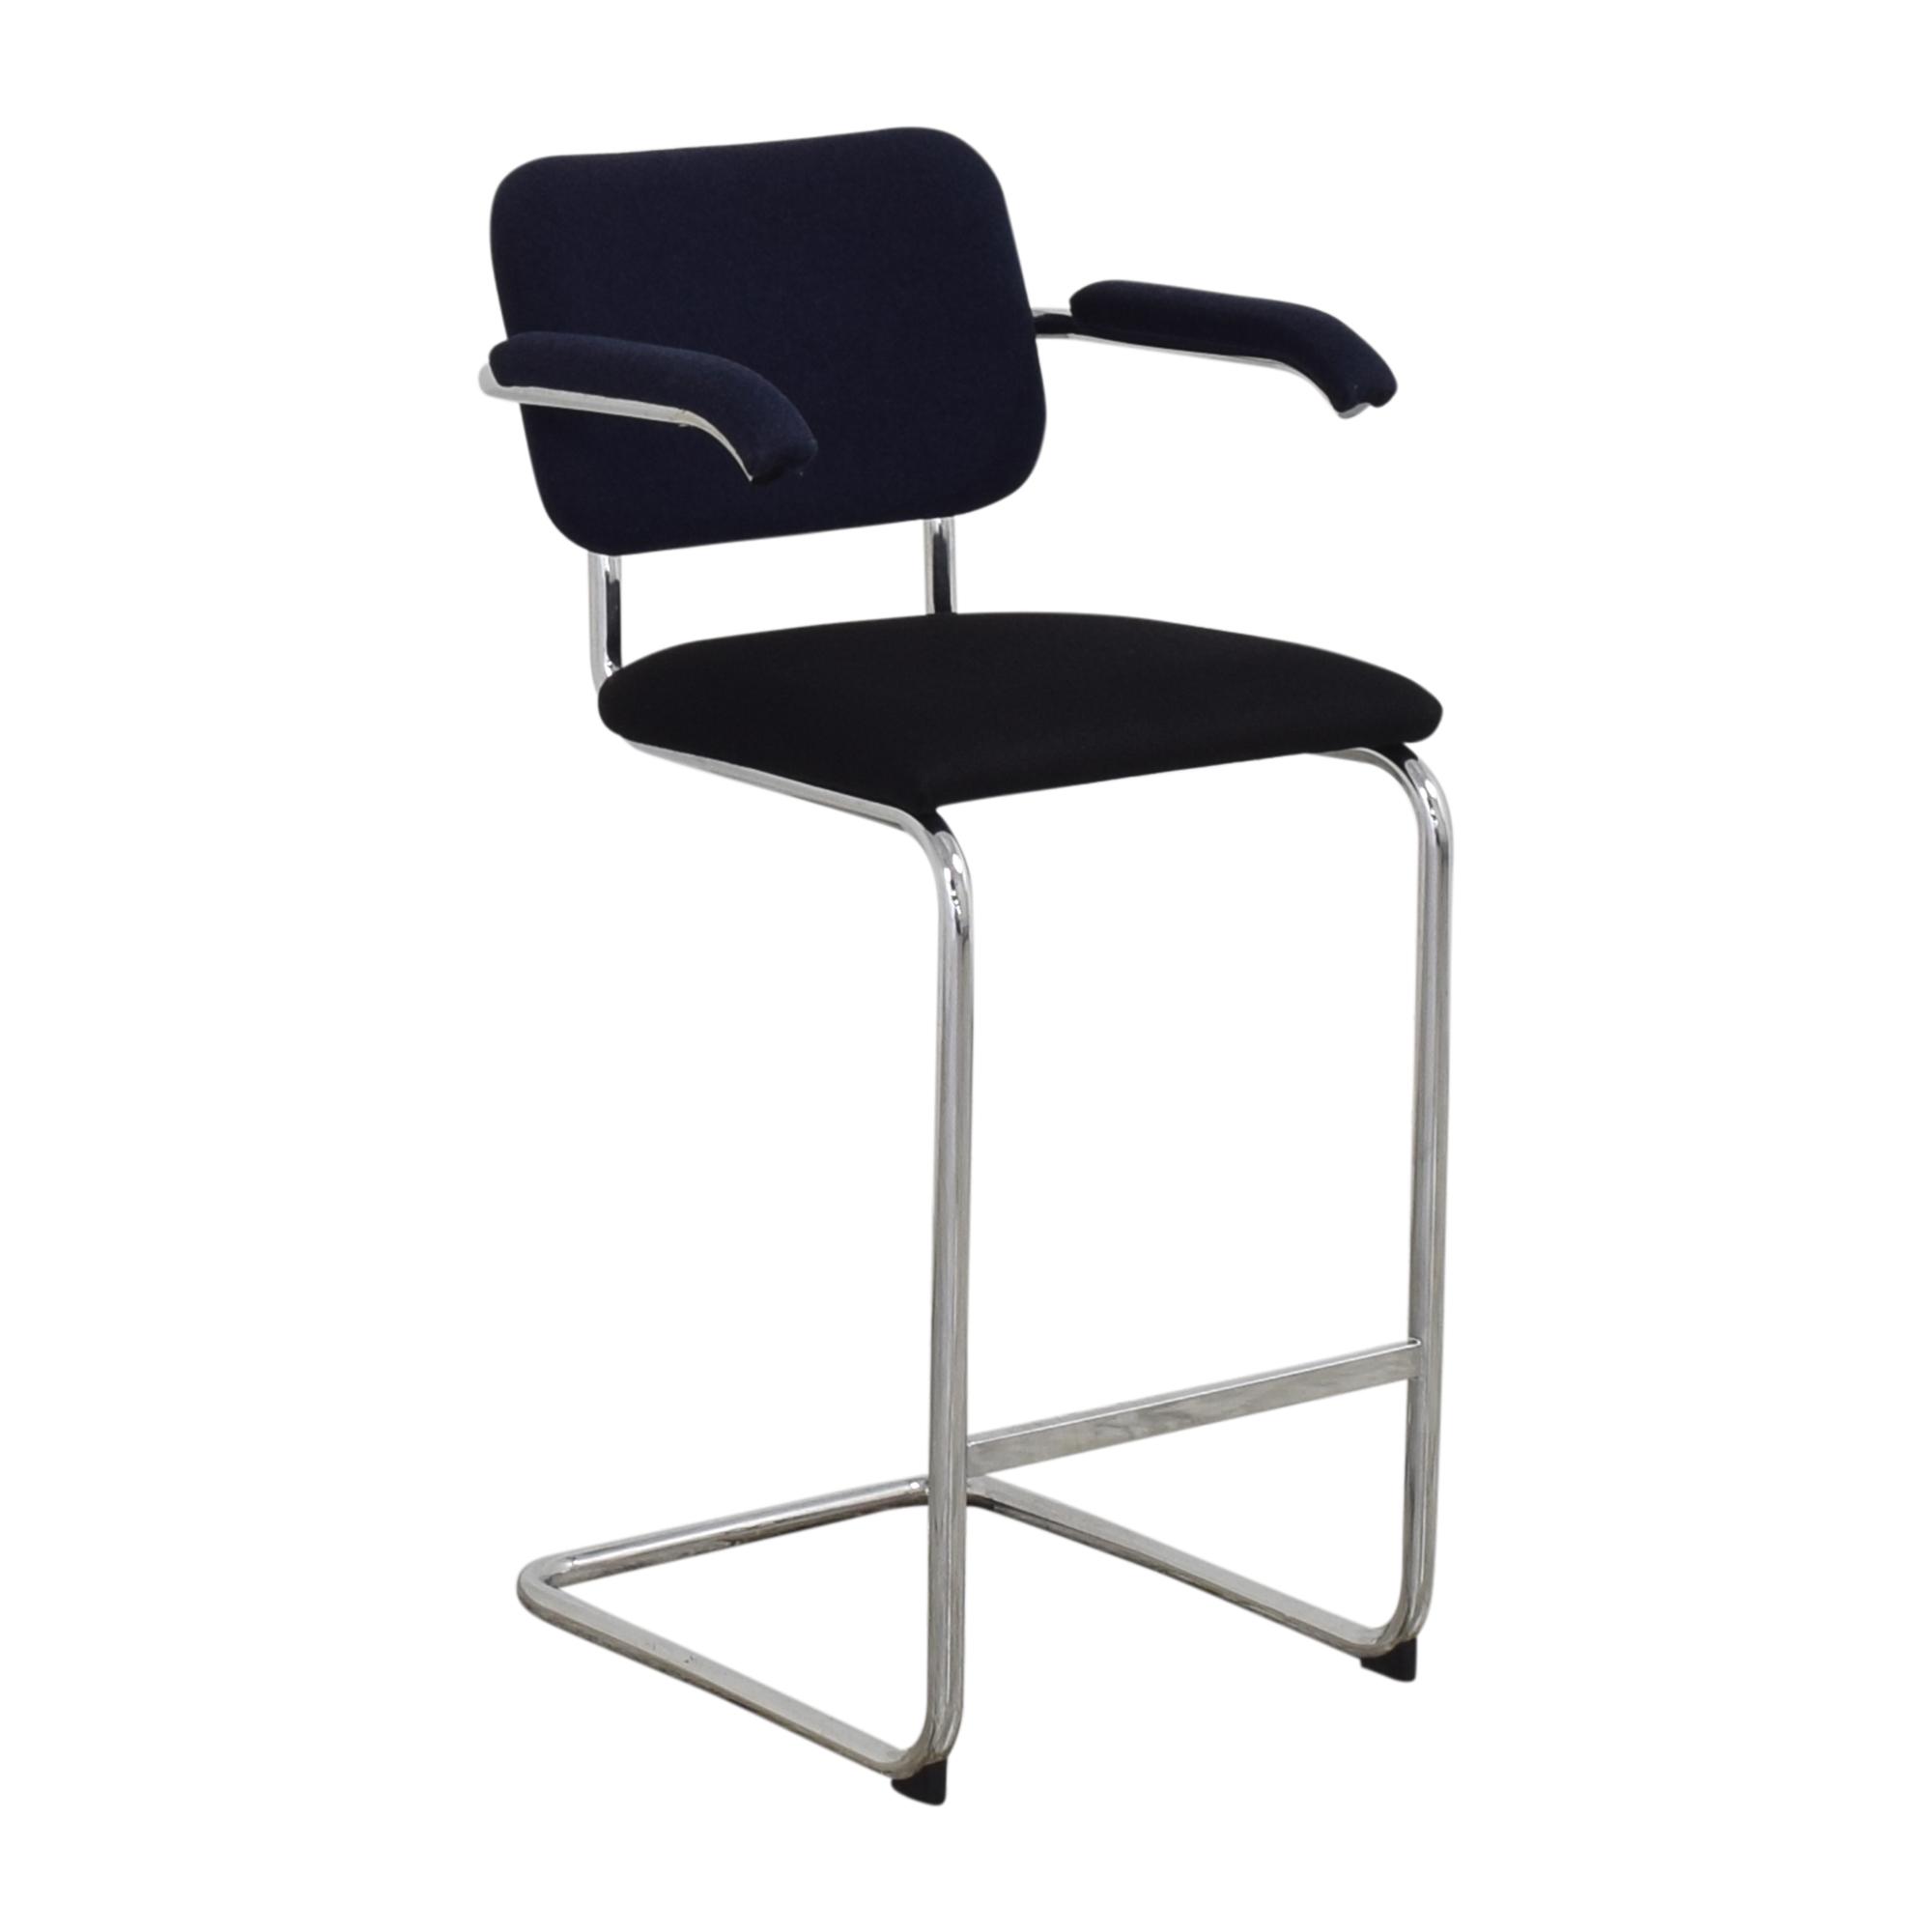 Knoll Knoll Marcel Breuer Cesca Arm Chair used